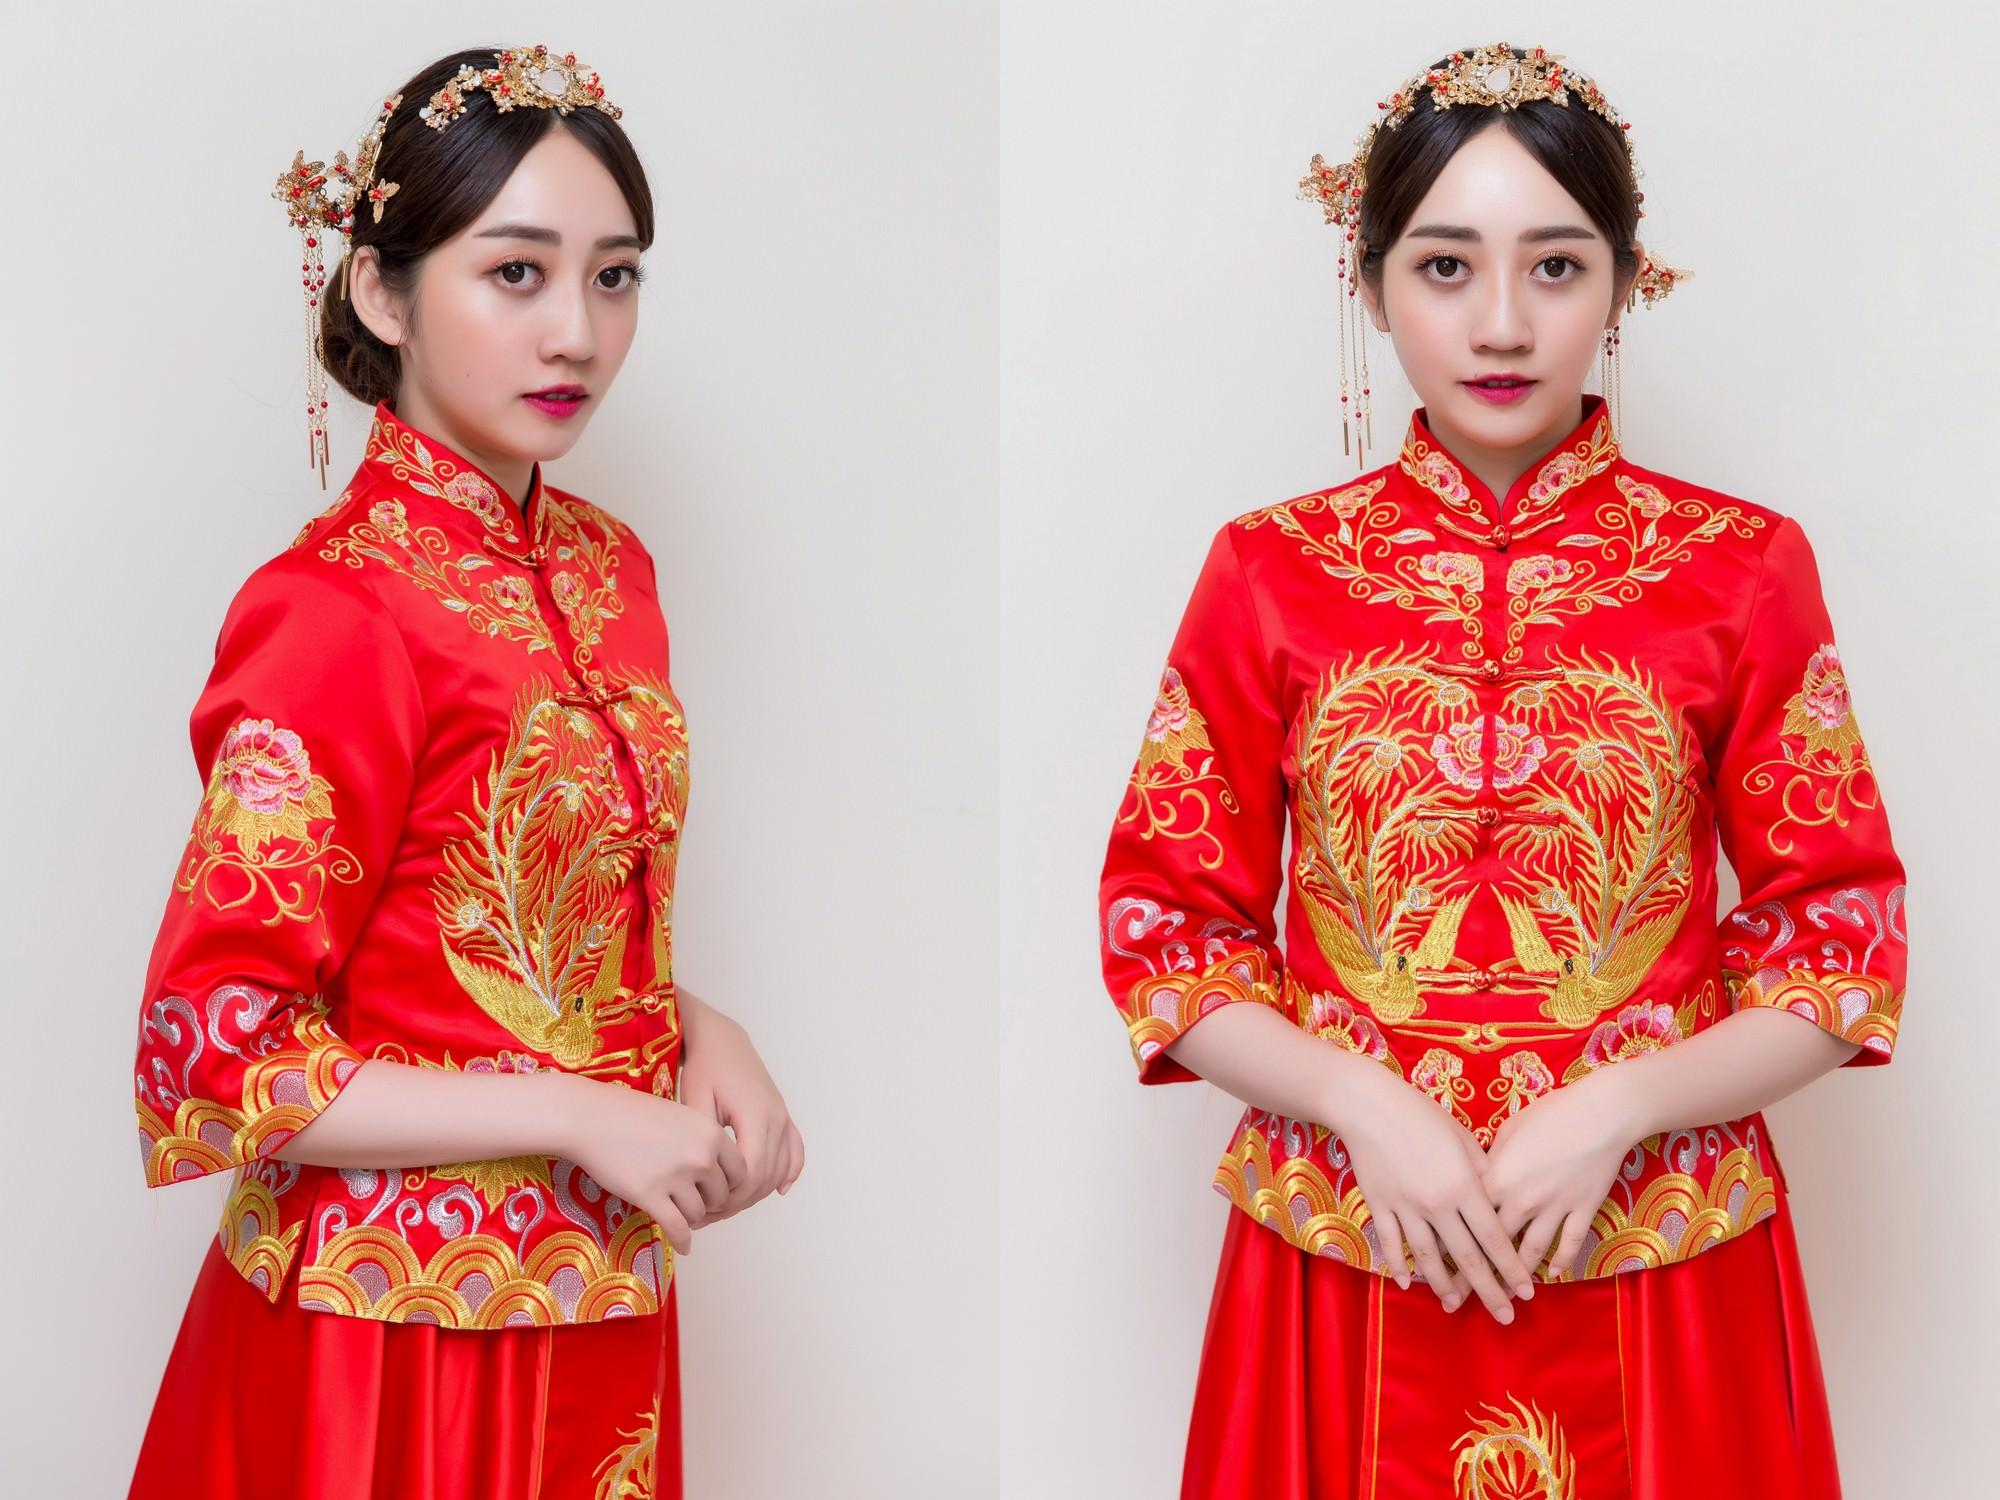 新娘造型,新娘髮型,高雄新秘,中式禮服, 秀禾服,秀禾服造型, 中式造型, CHANEL超炫耀絲絨唇露150